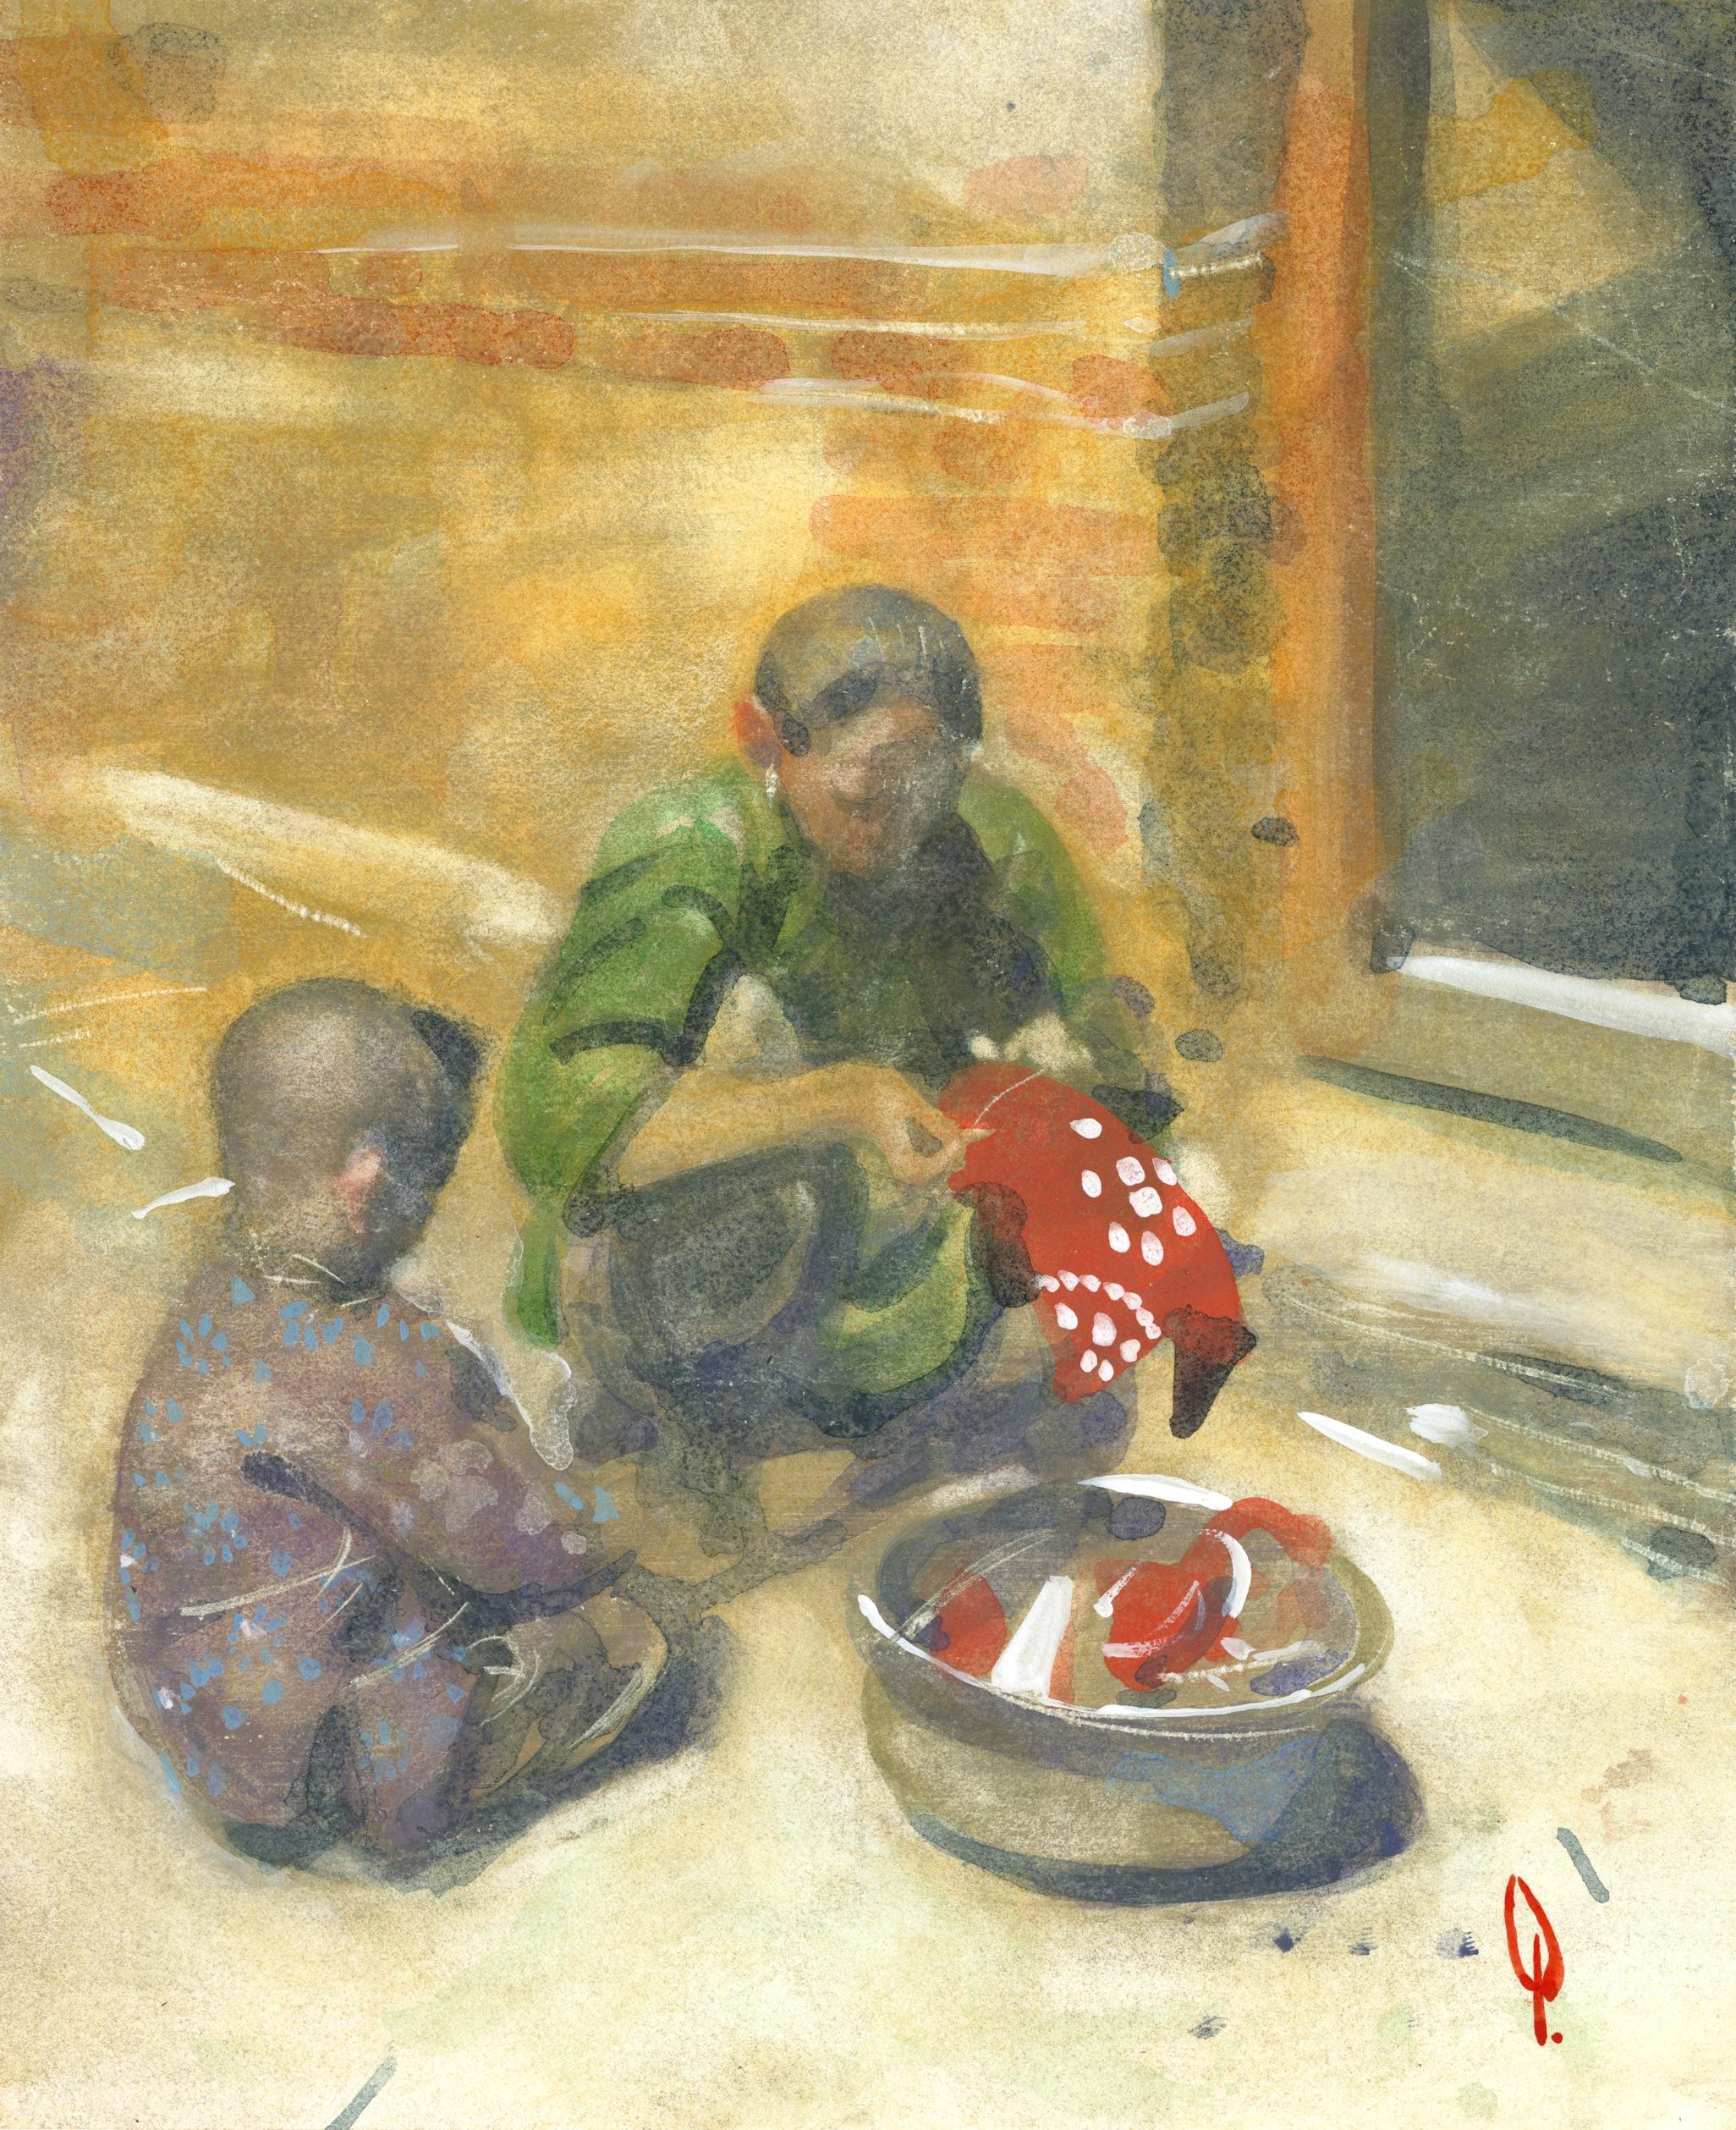 Sewing Watercolor.jpg